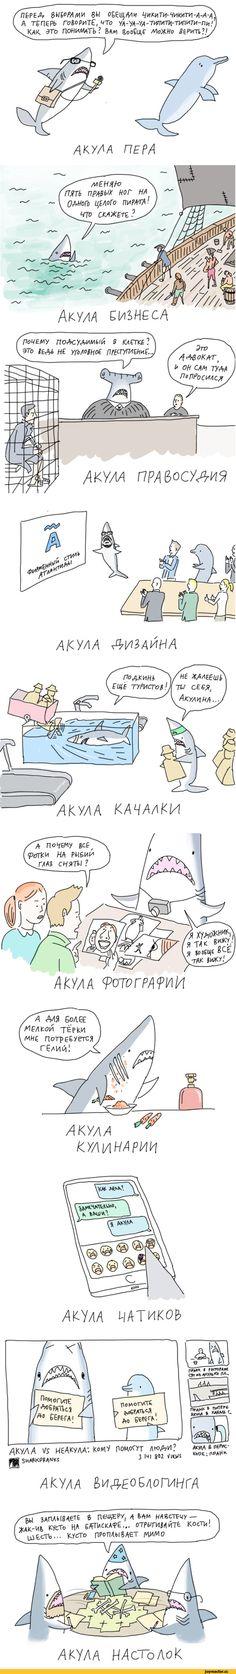 duran,Смешные комиксы,веб-комиксы с юмором и их переводы,акула,песочница